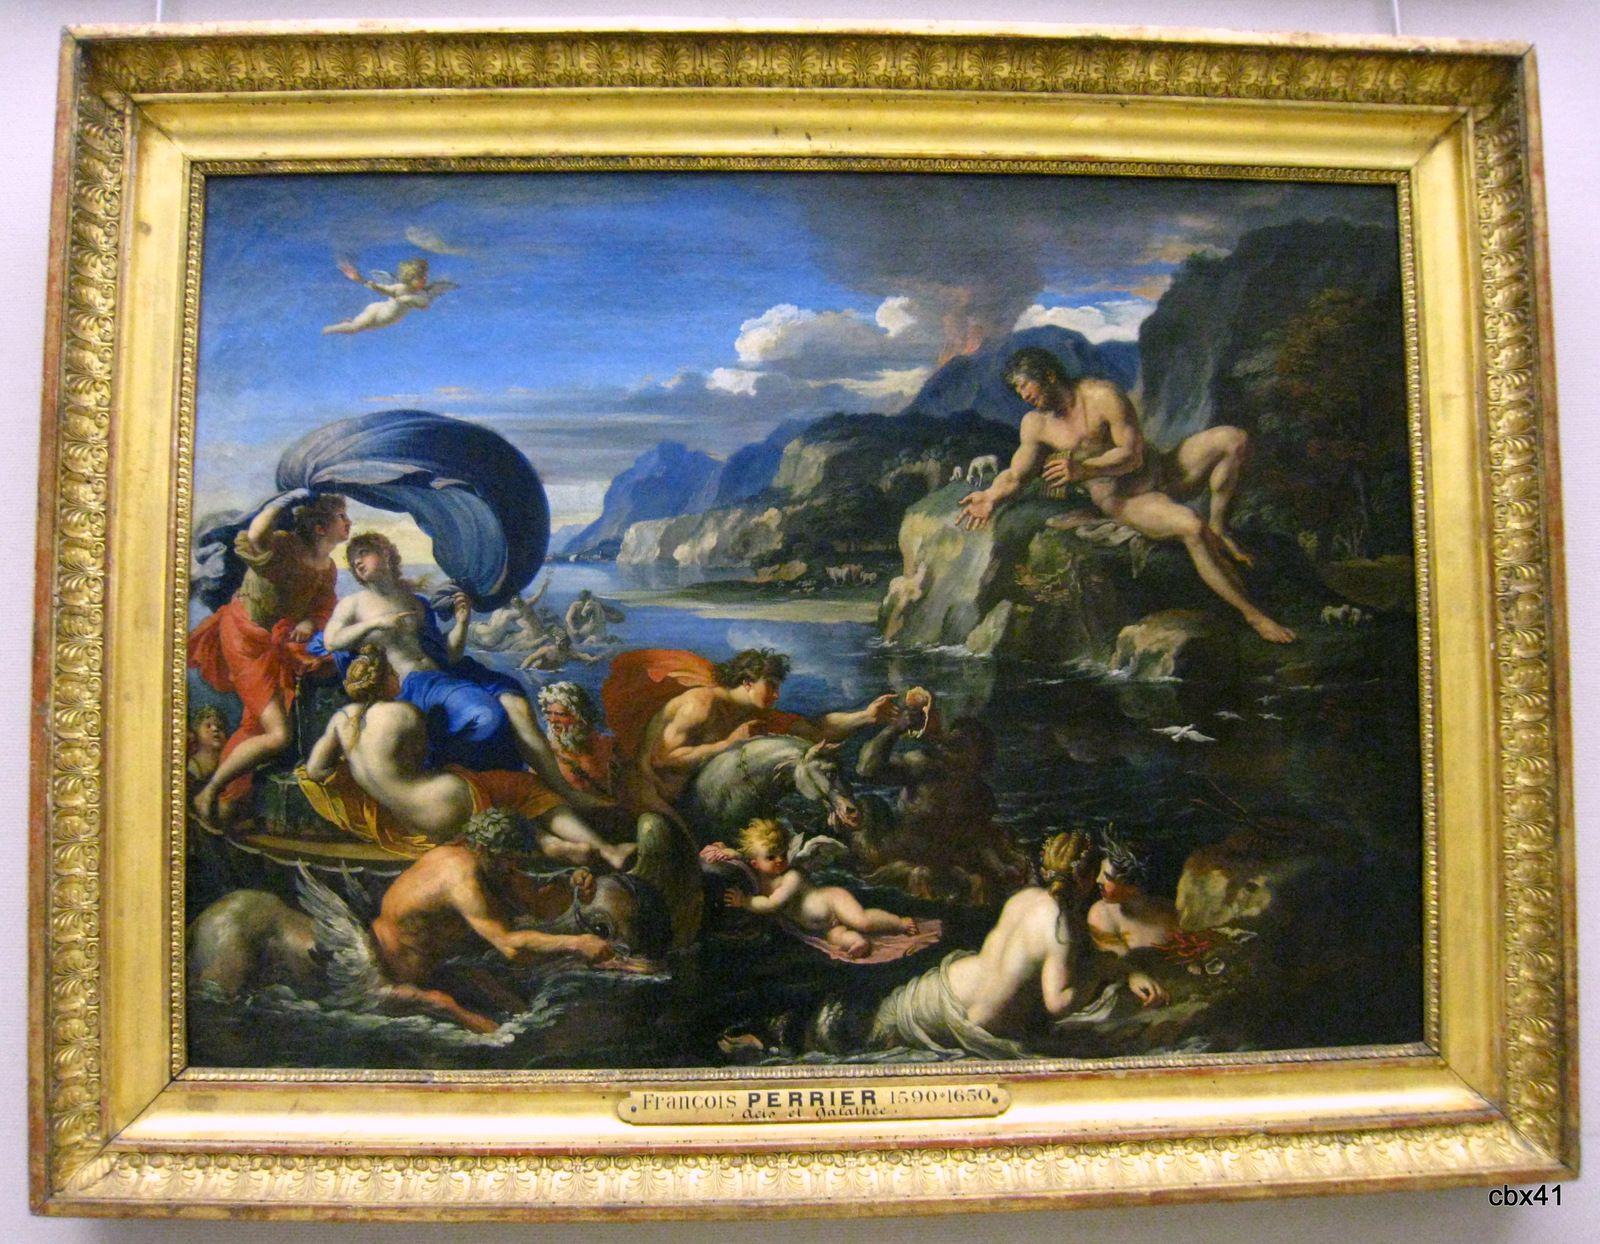 François Perrier, Acis et Galatée se dérobant au regard de Polyphème